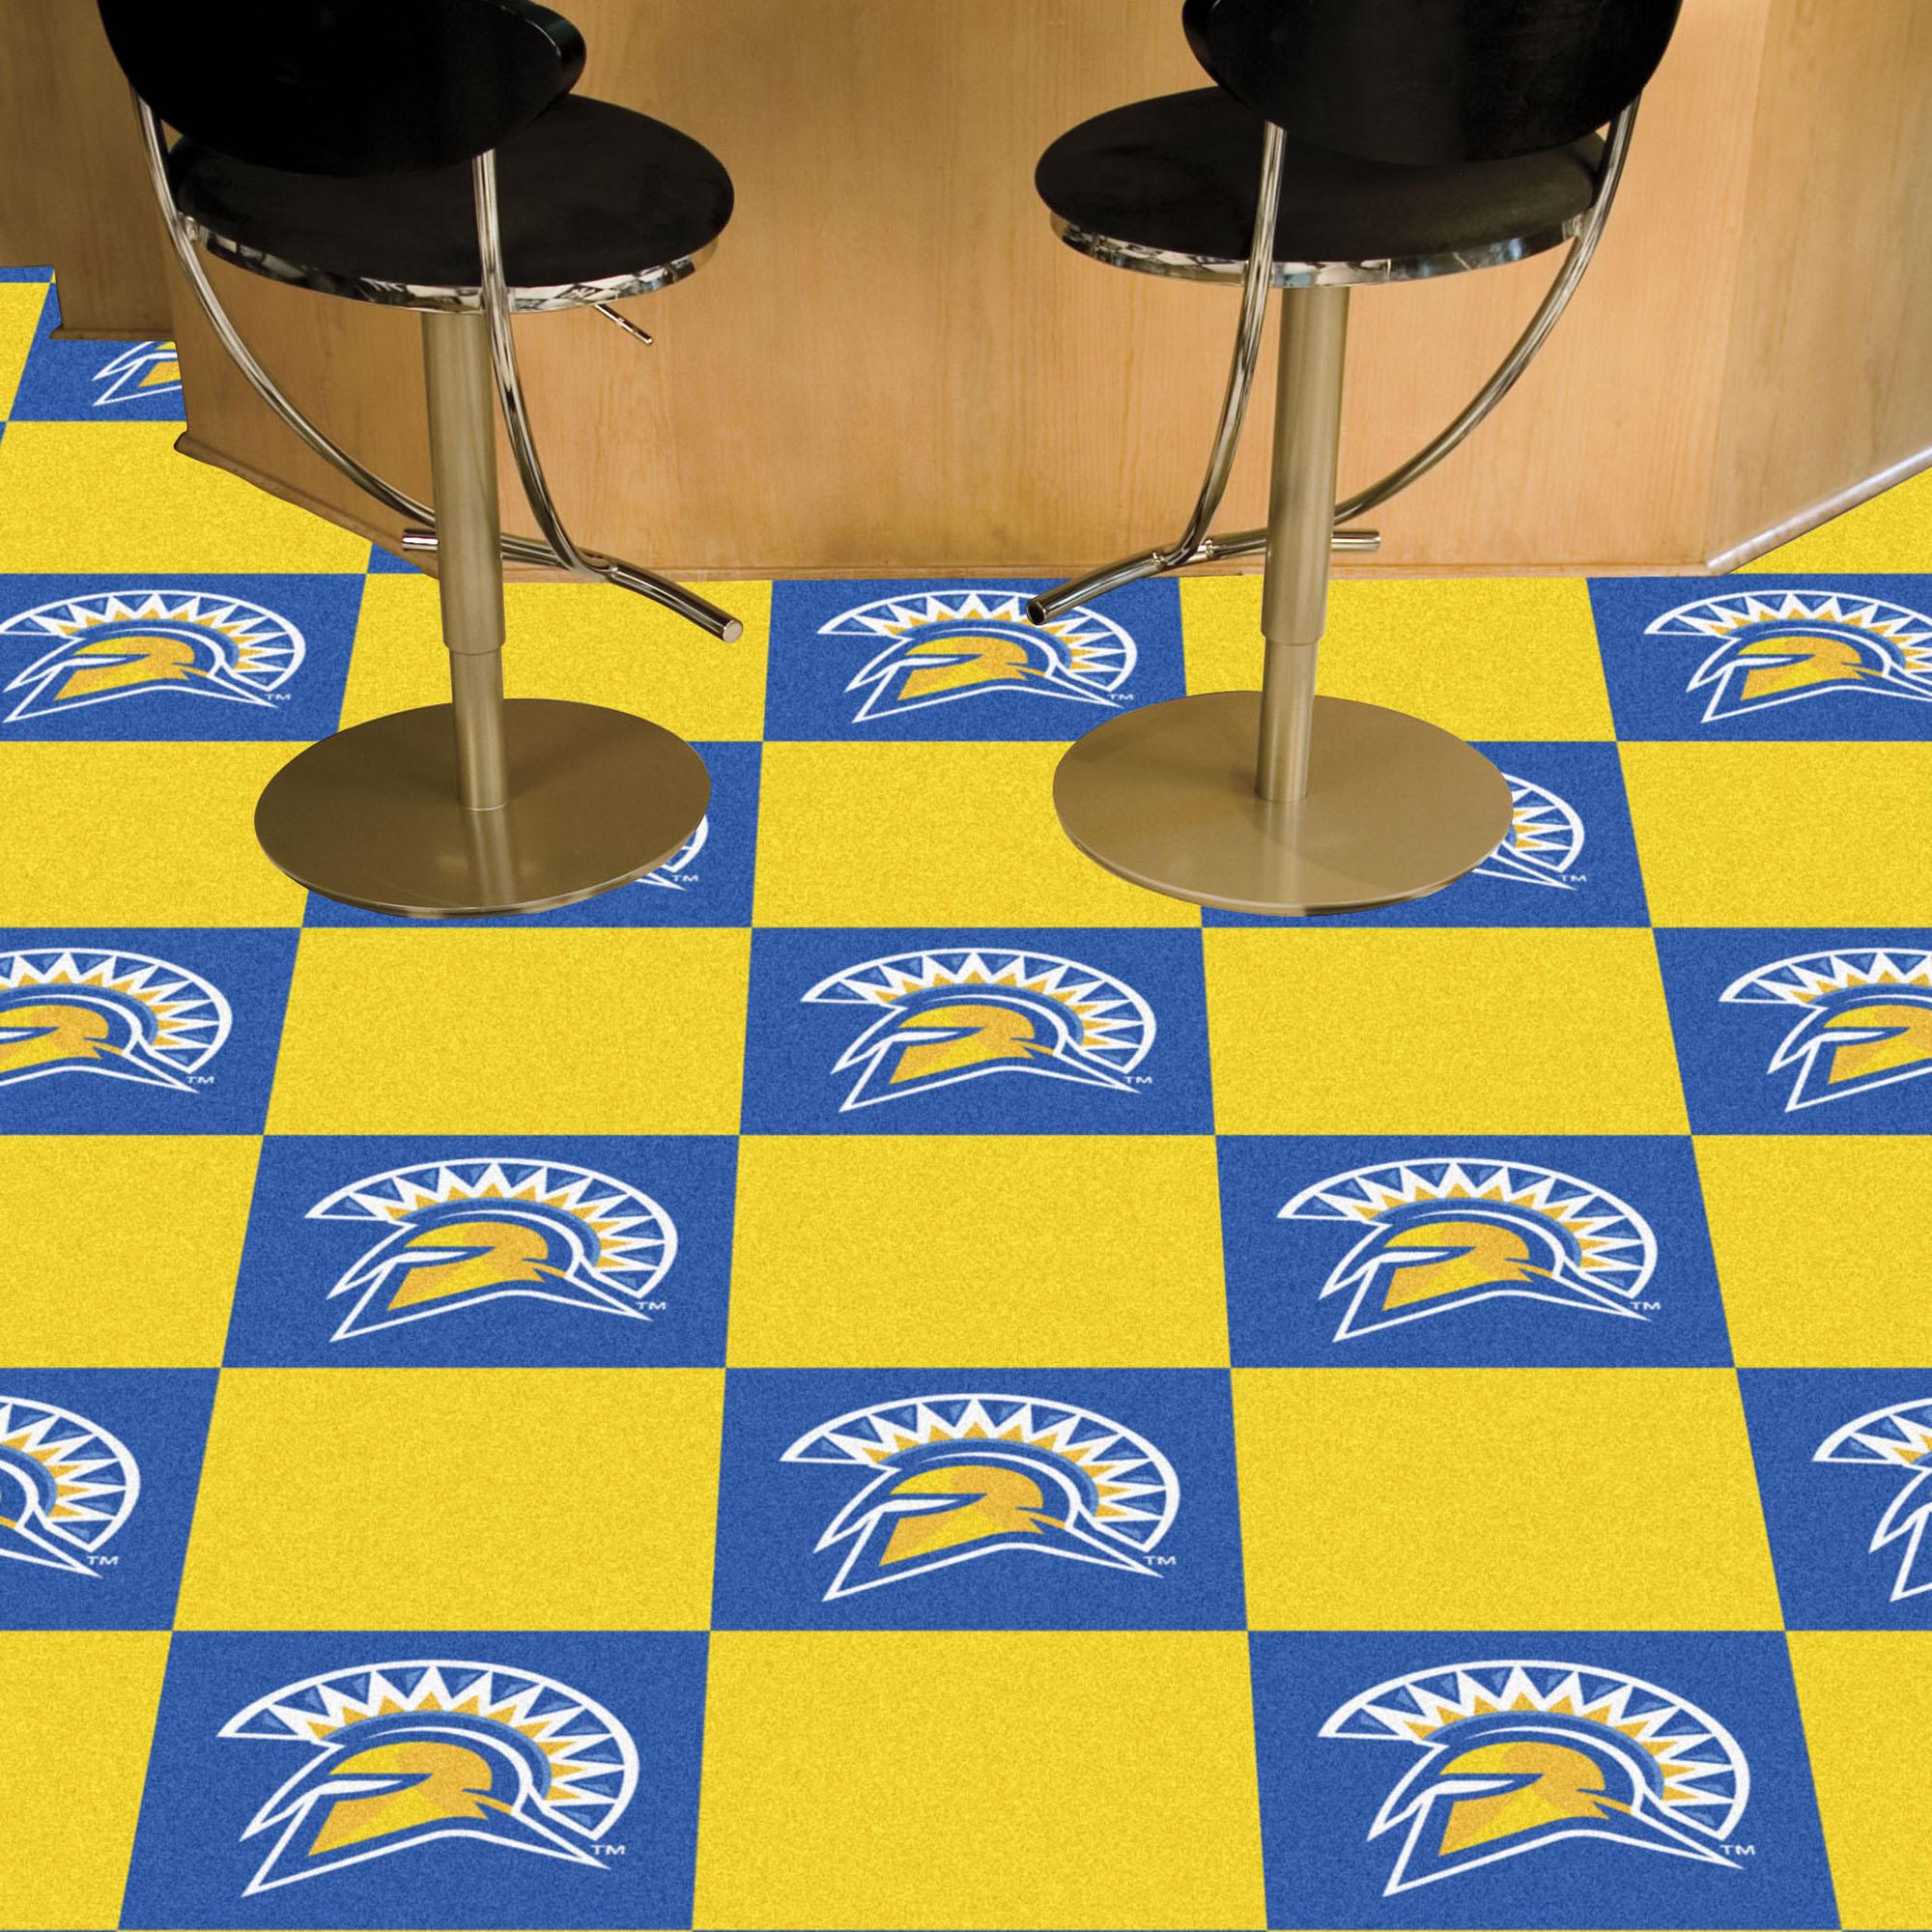 Sjsu Spartans Team Carpet Tiles 45 Sq Ft